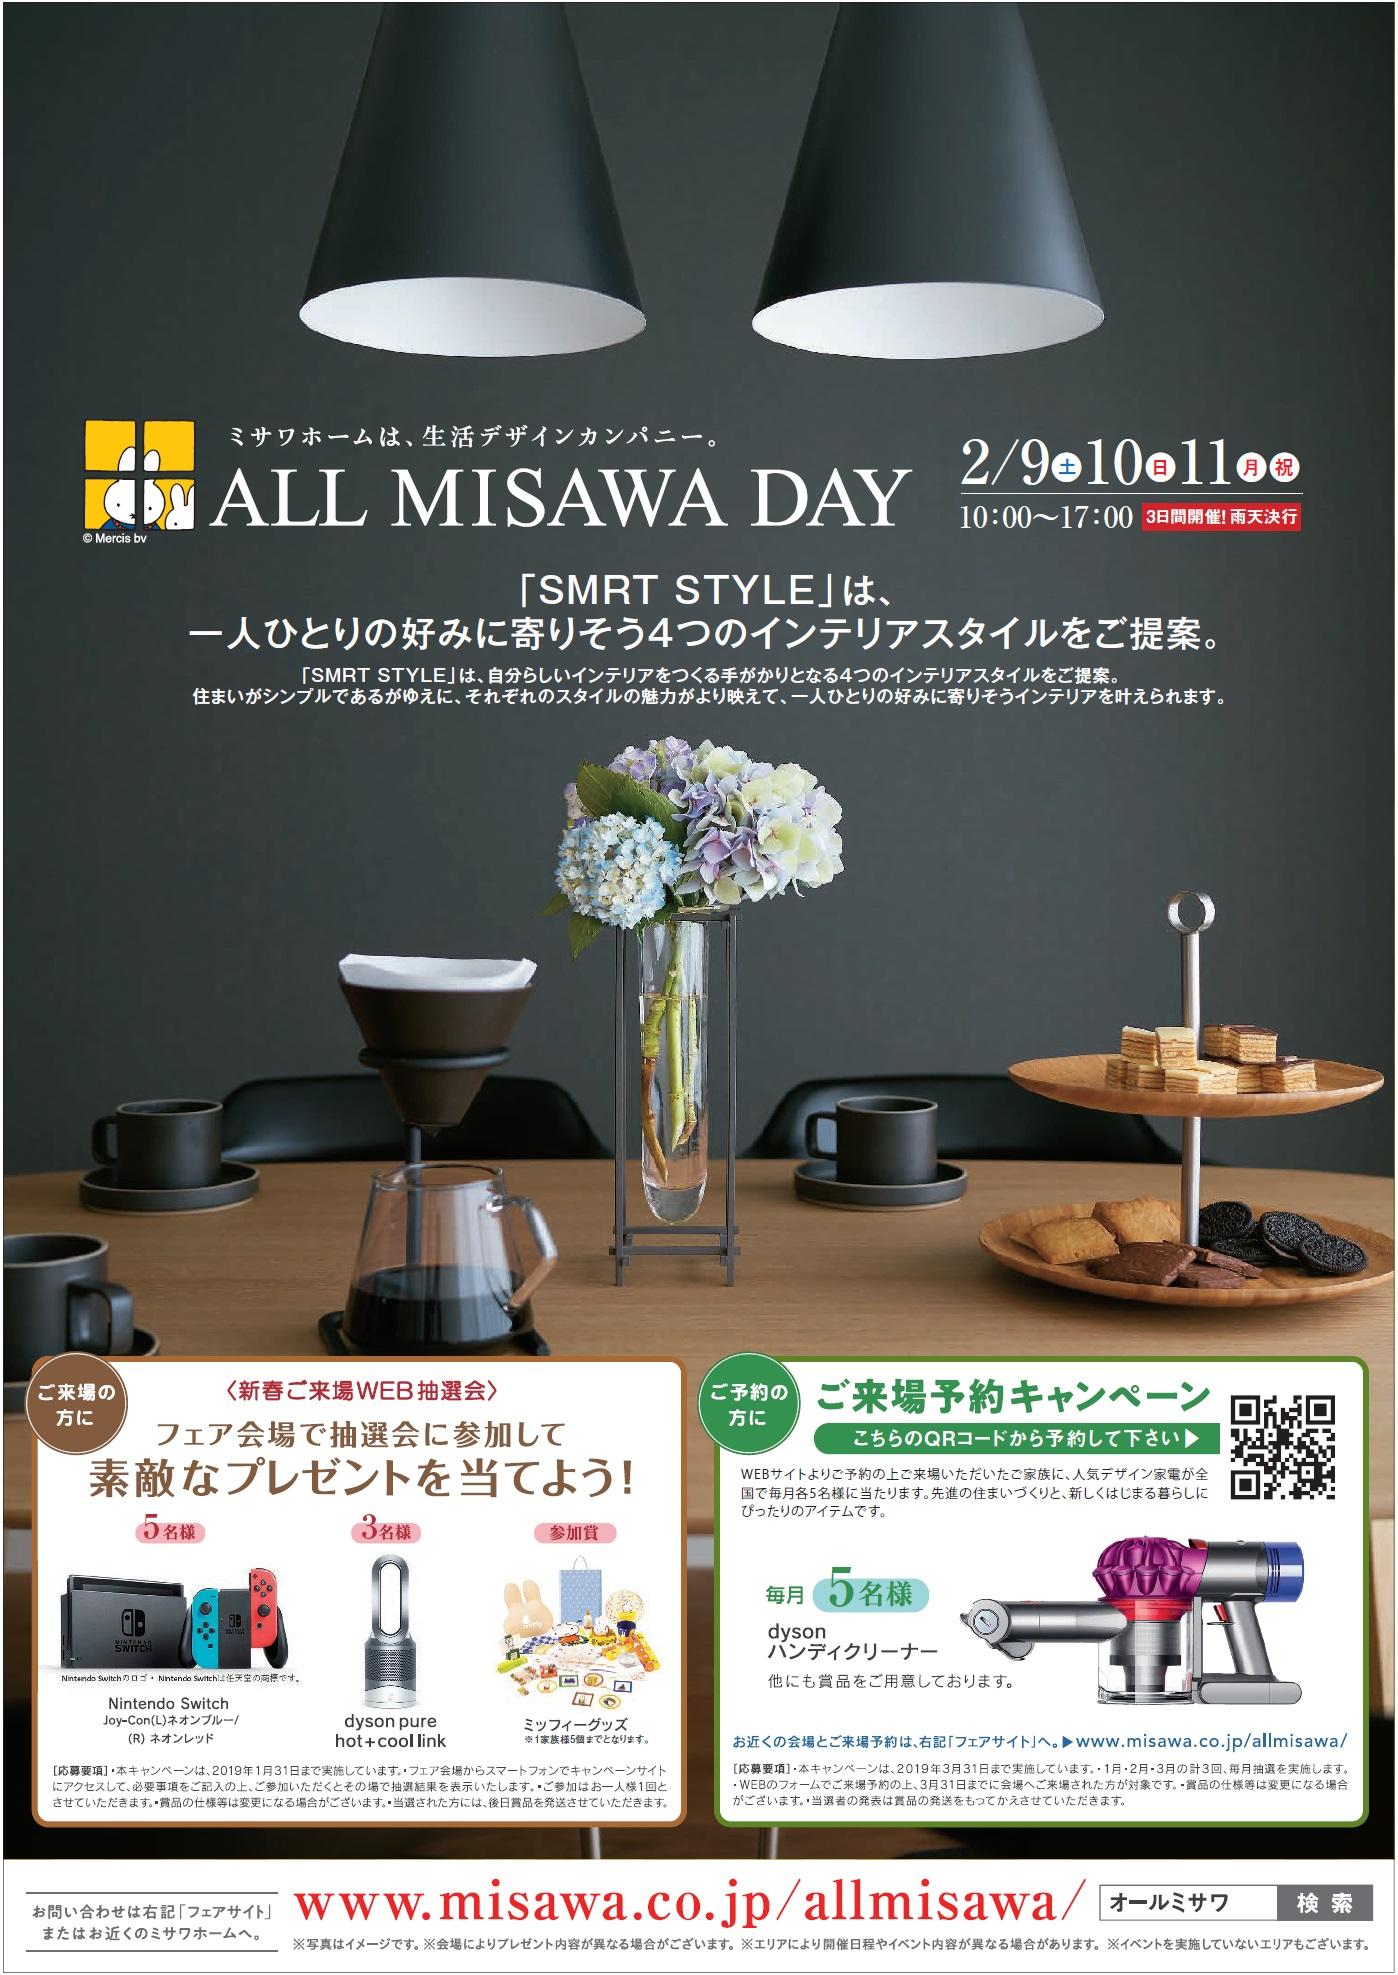 http://shikoku.misawa.co.jp/area_kouchi/%E8%A1%A8.jpg